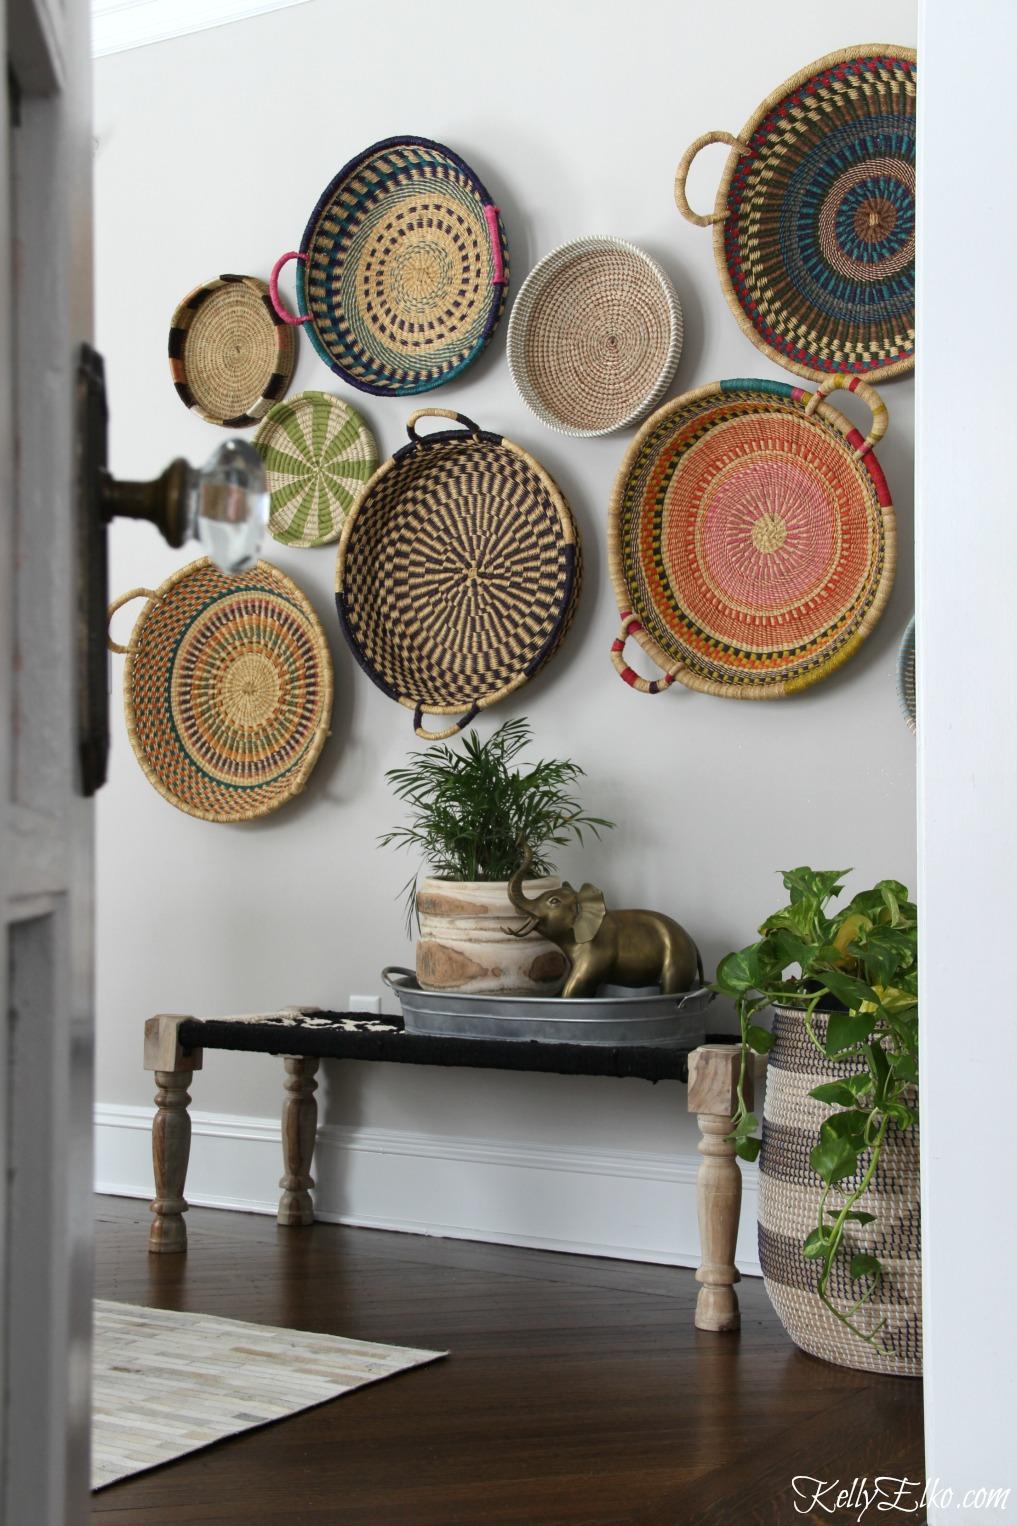 Colorful Basket Gallery Wall Kelly Elko